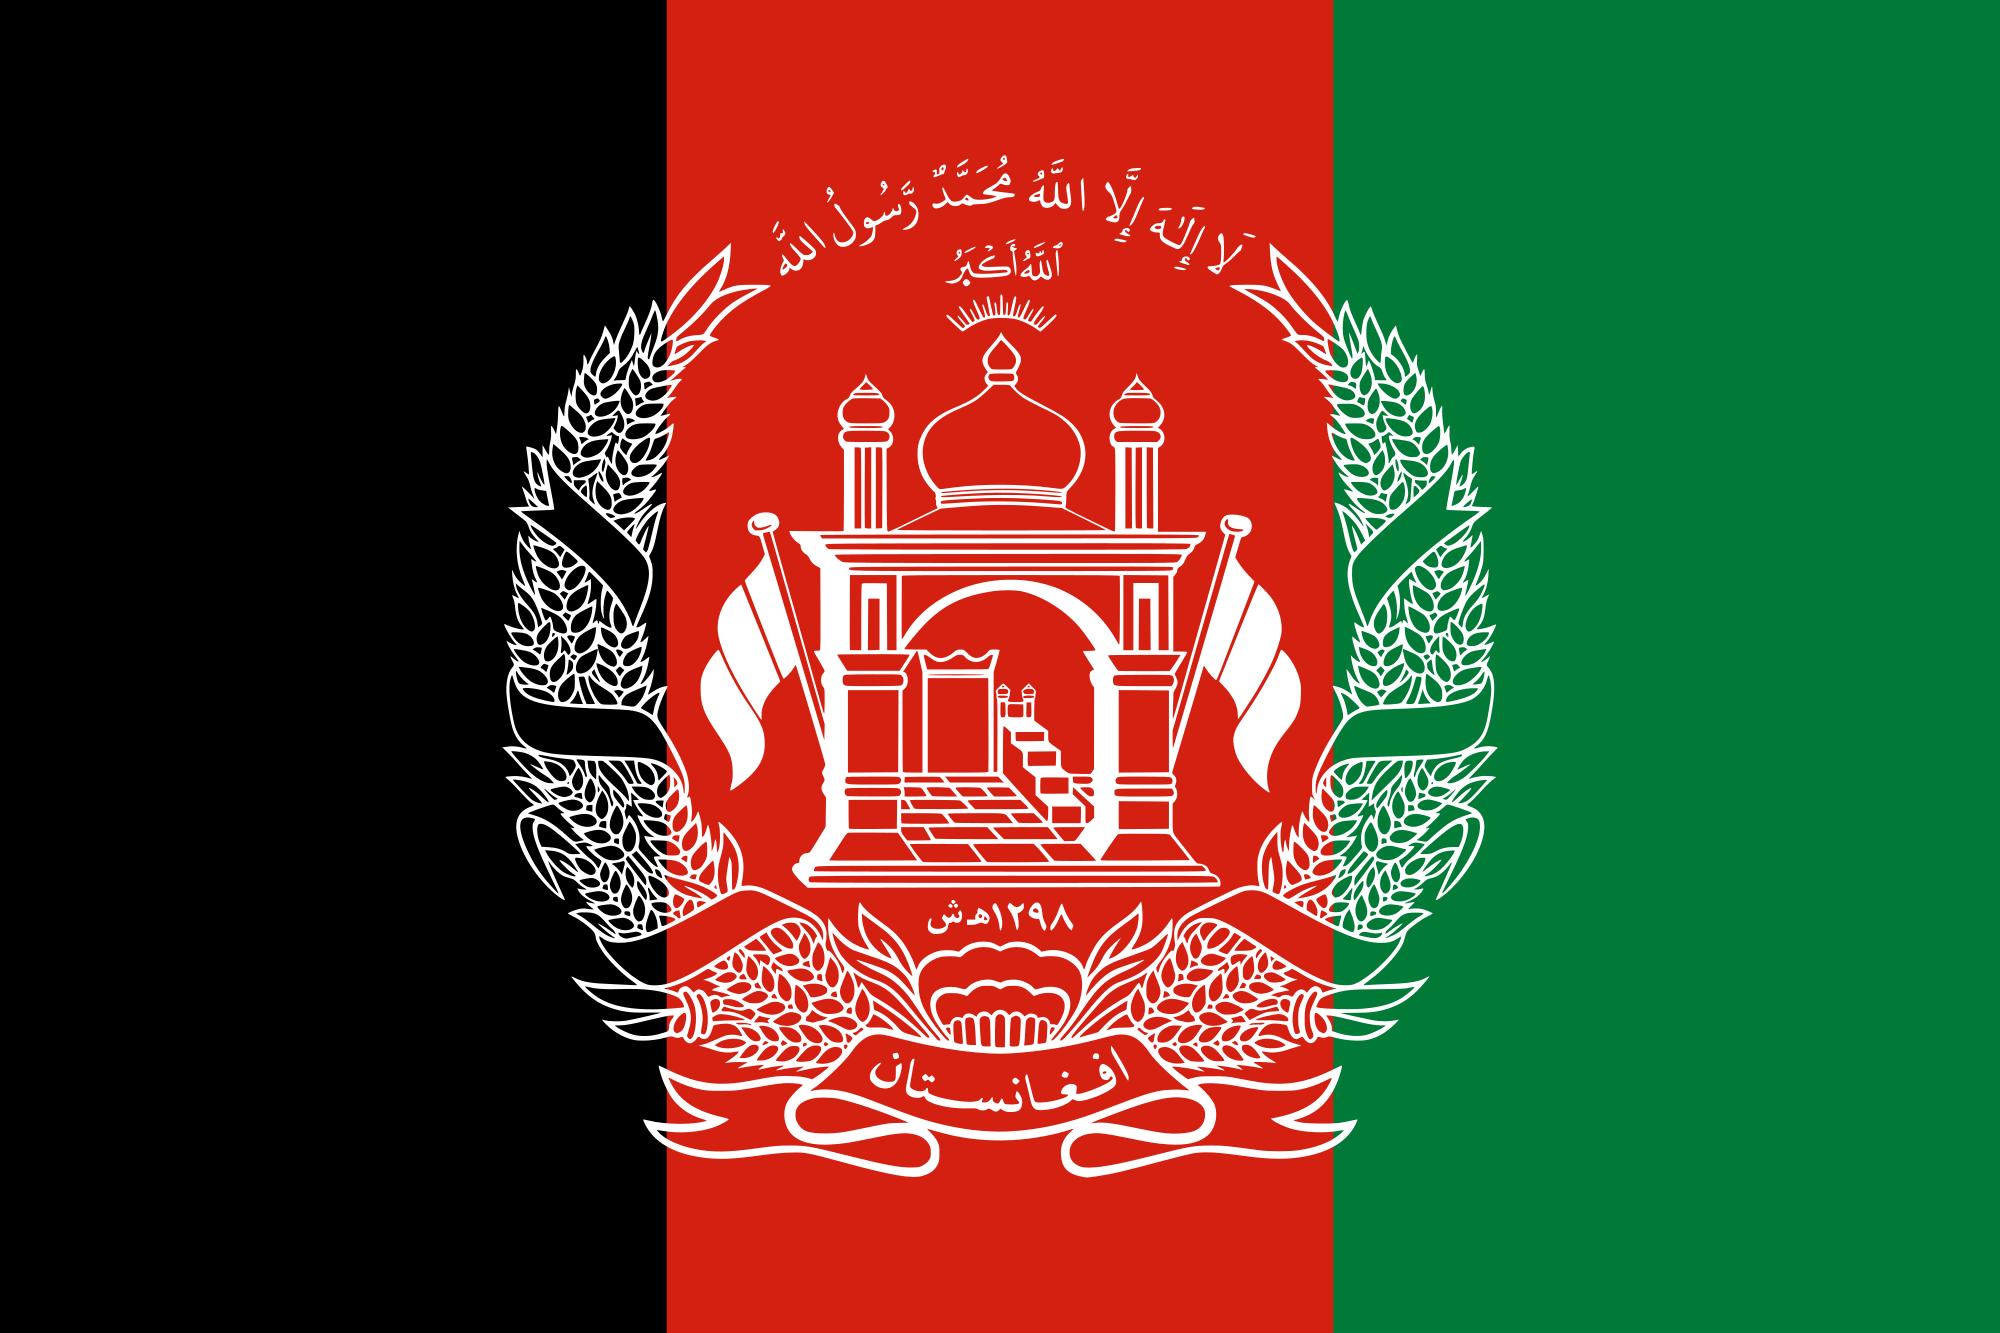 प्रहरी चौकीमा आक्रमण, तेह्र प्रहरी र दश तालिबानको मृत्यु